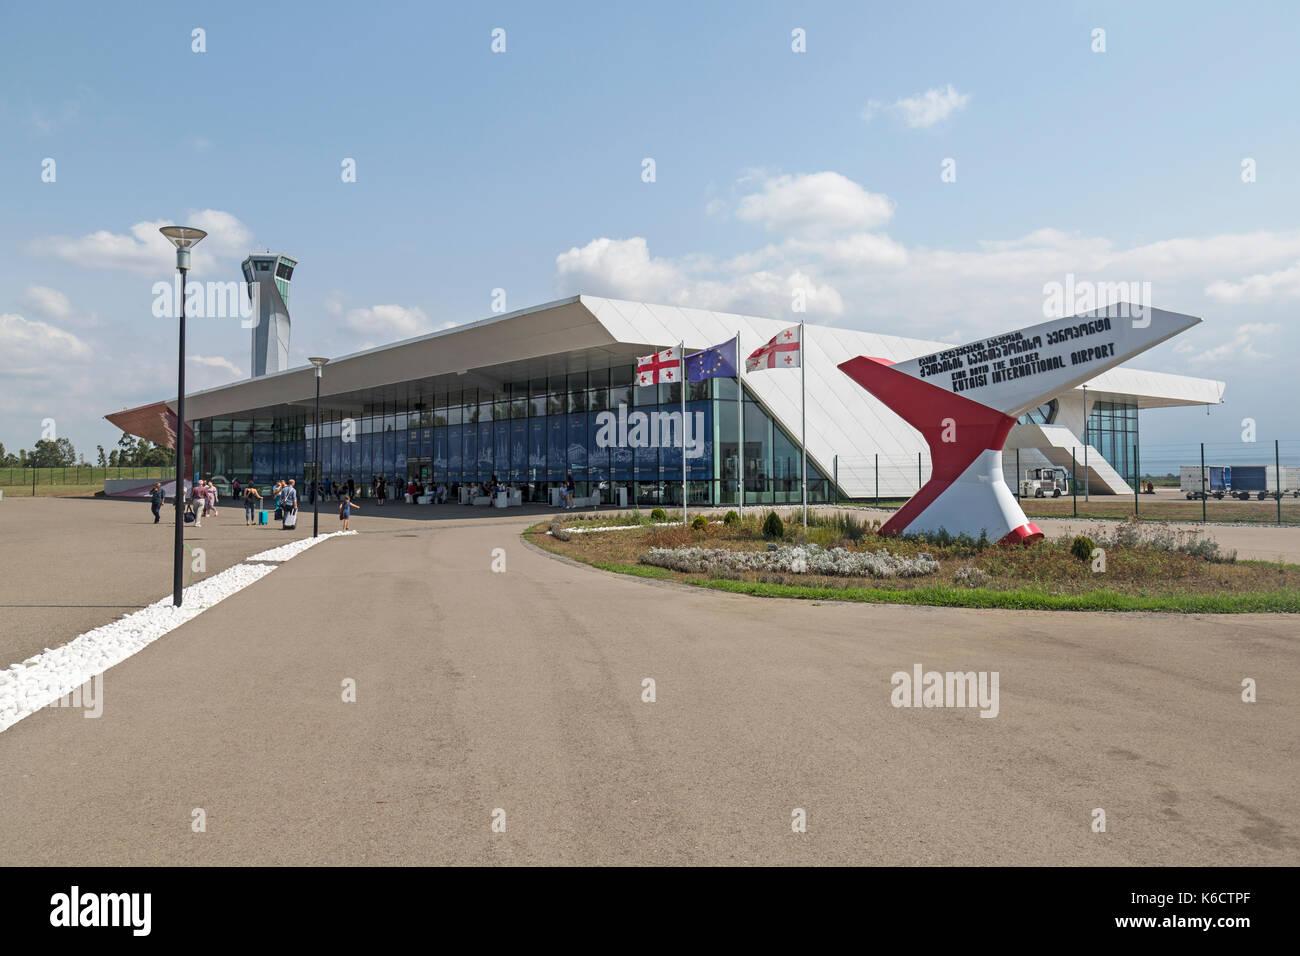 terminal-buildings-at-kutaisi-international-airport-in-georgia-K6CTPF.jpg